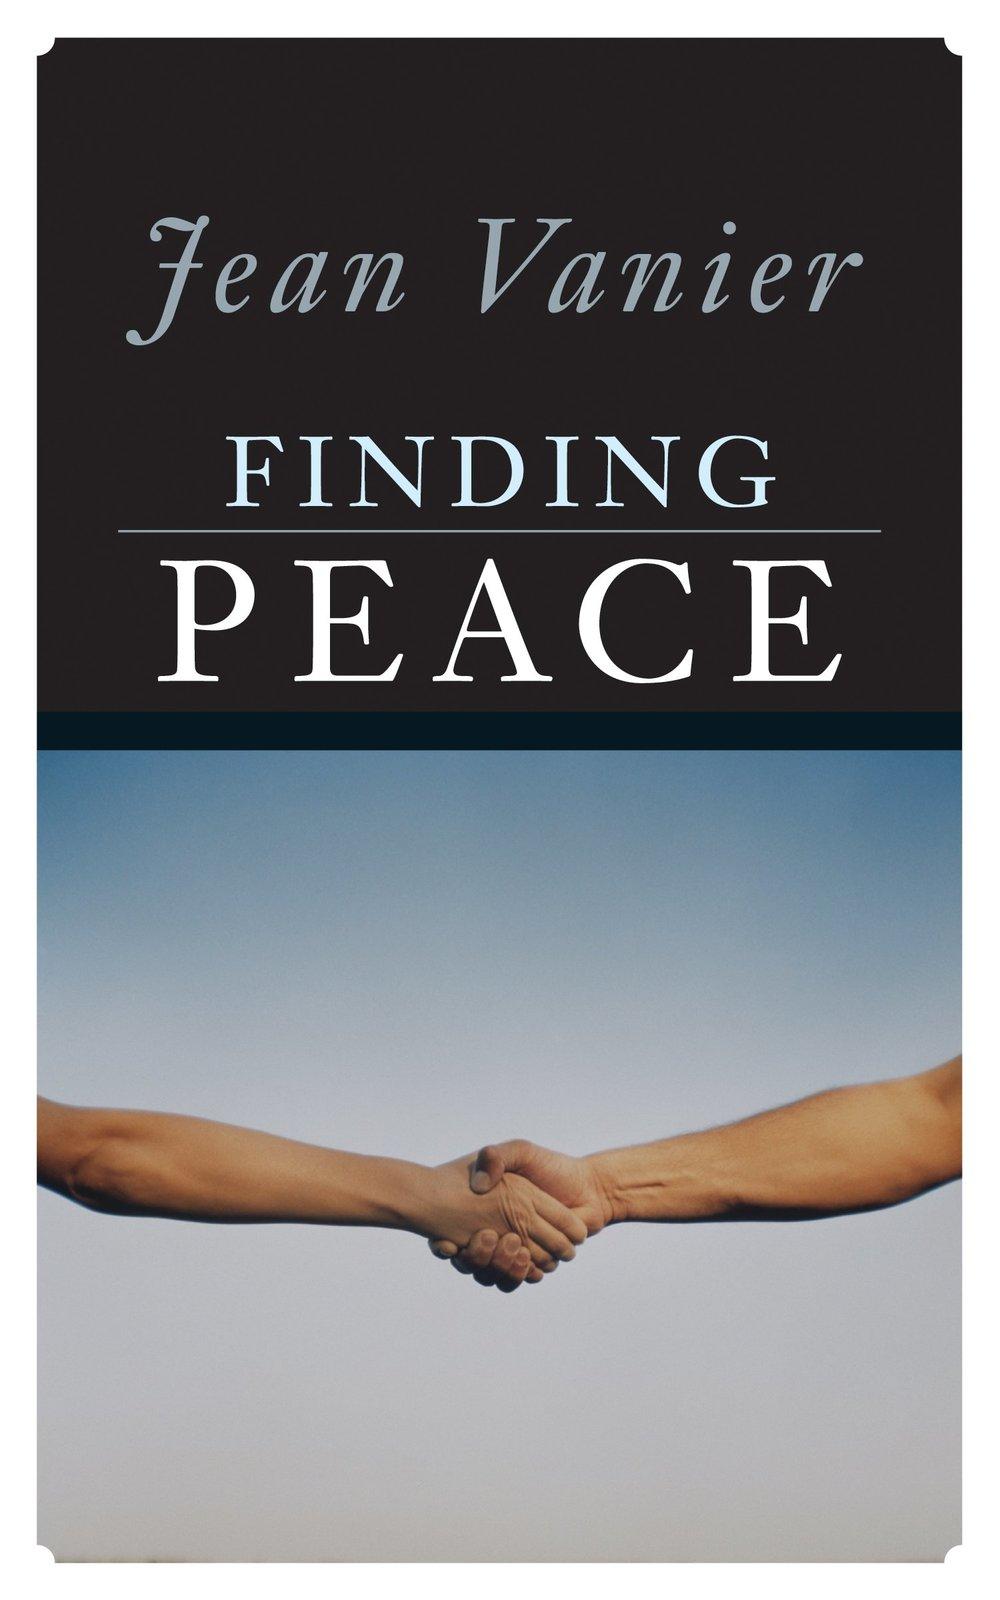 Finding Peace - Jean Vanier